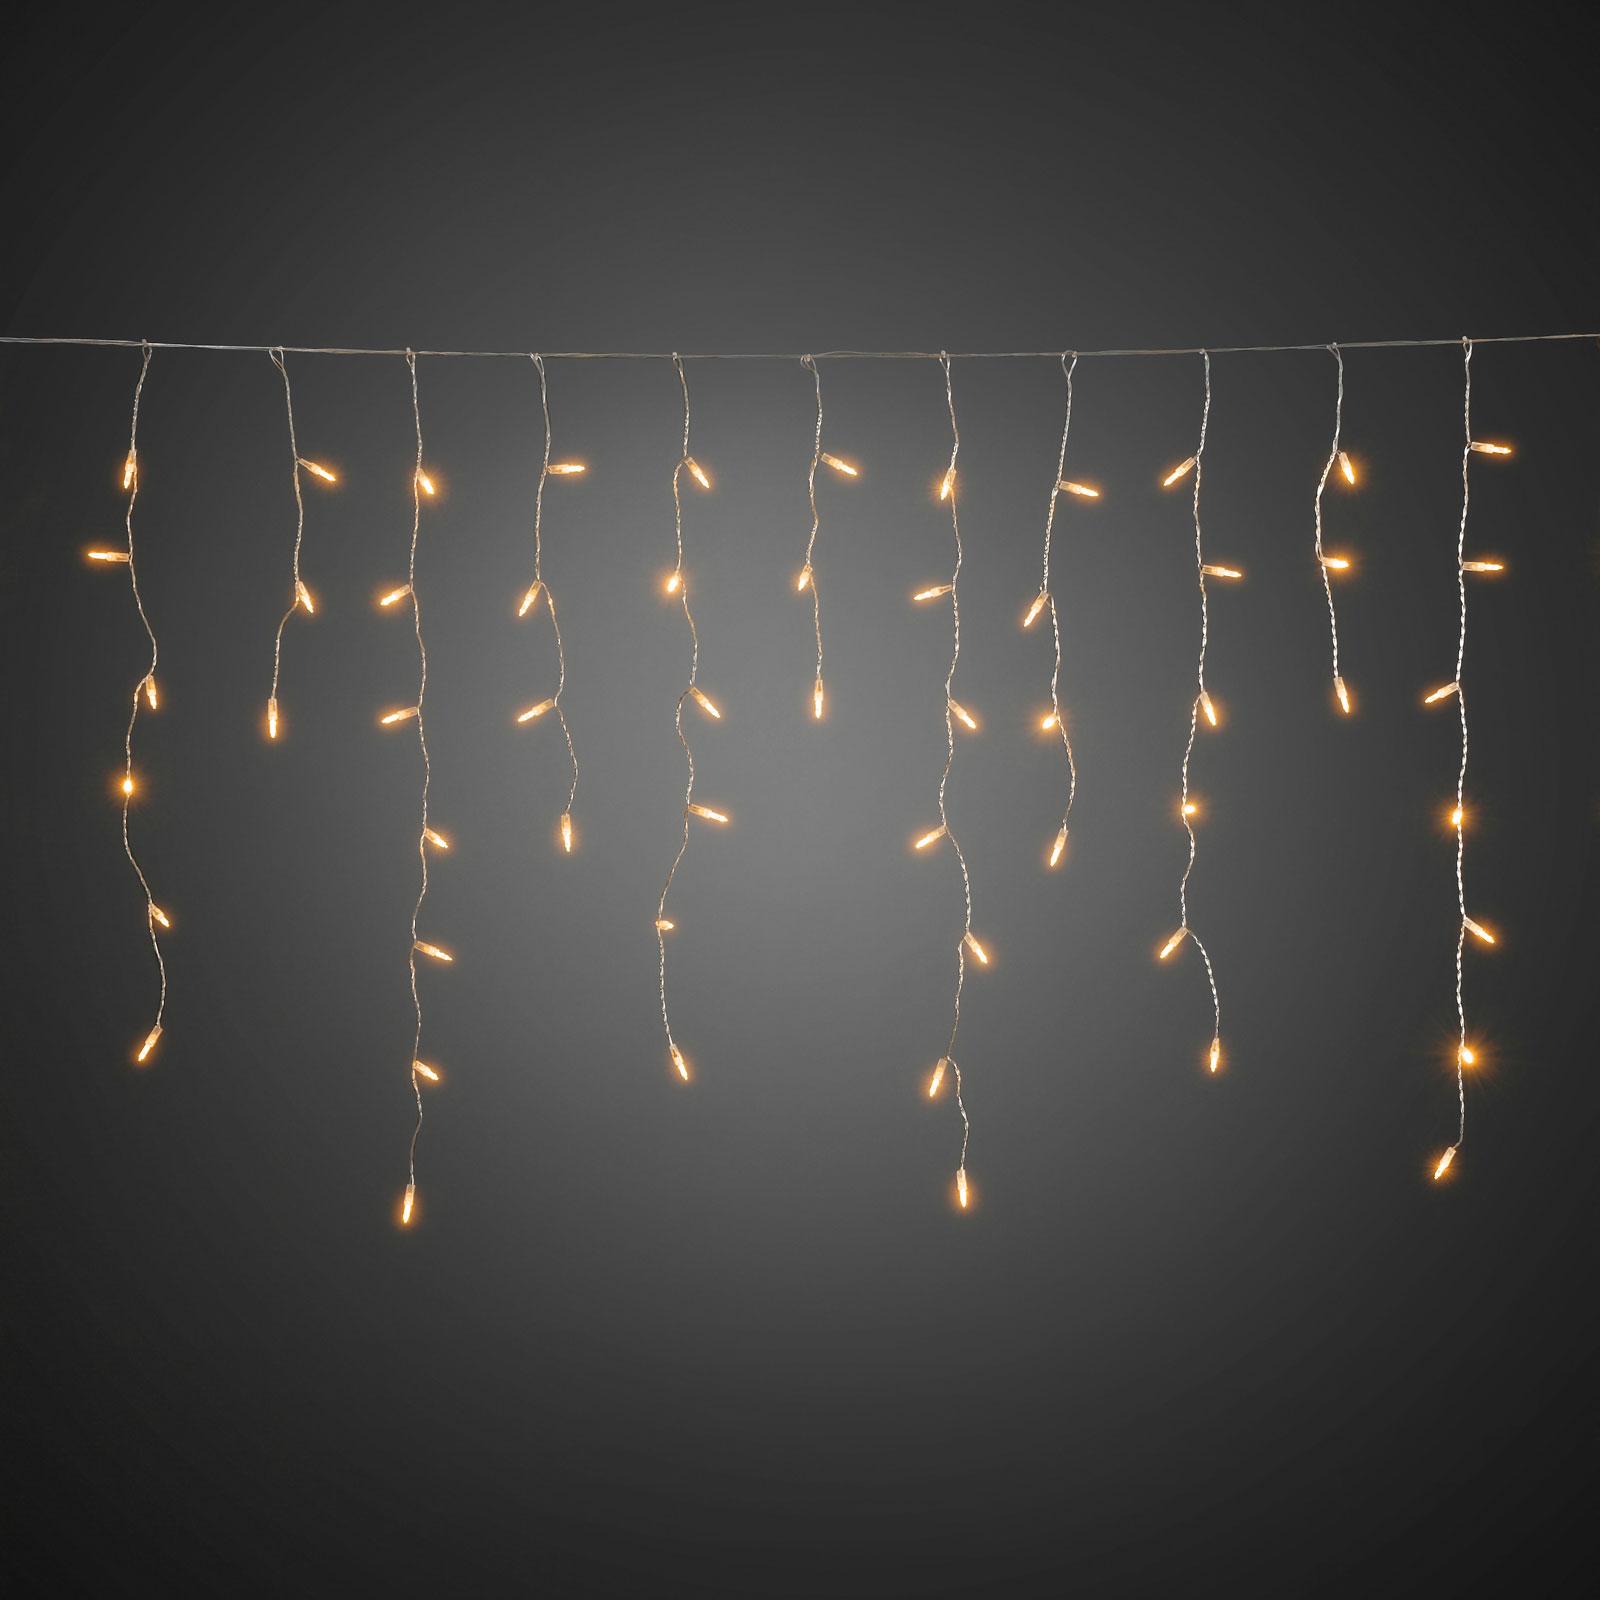 Isregn LED-lysforhæng til udendørs brug